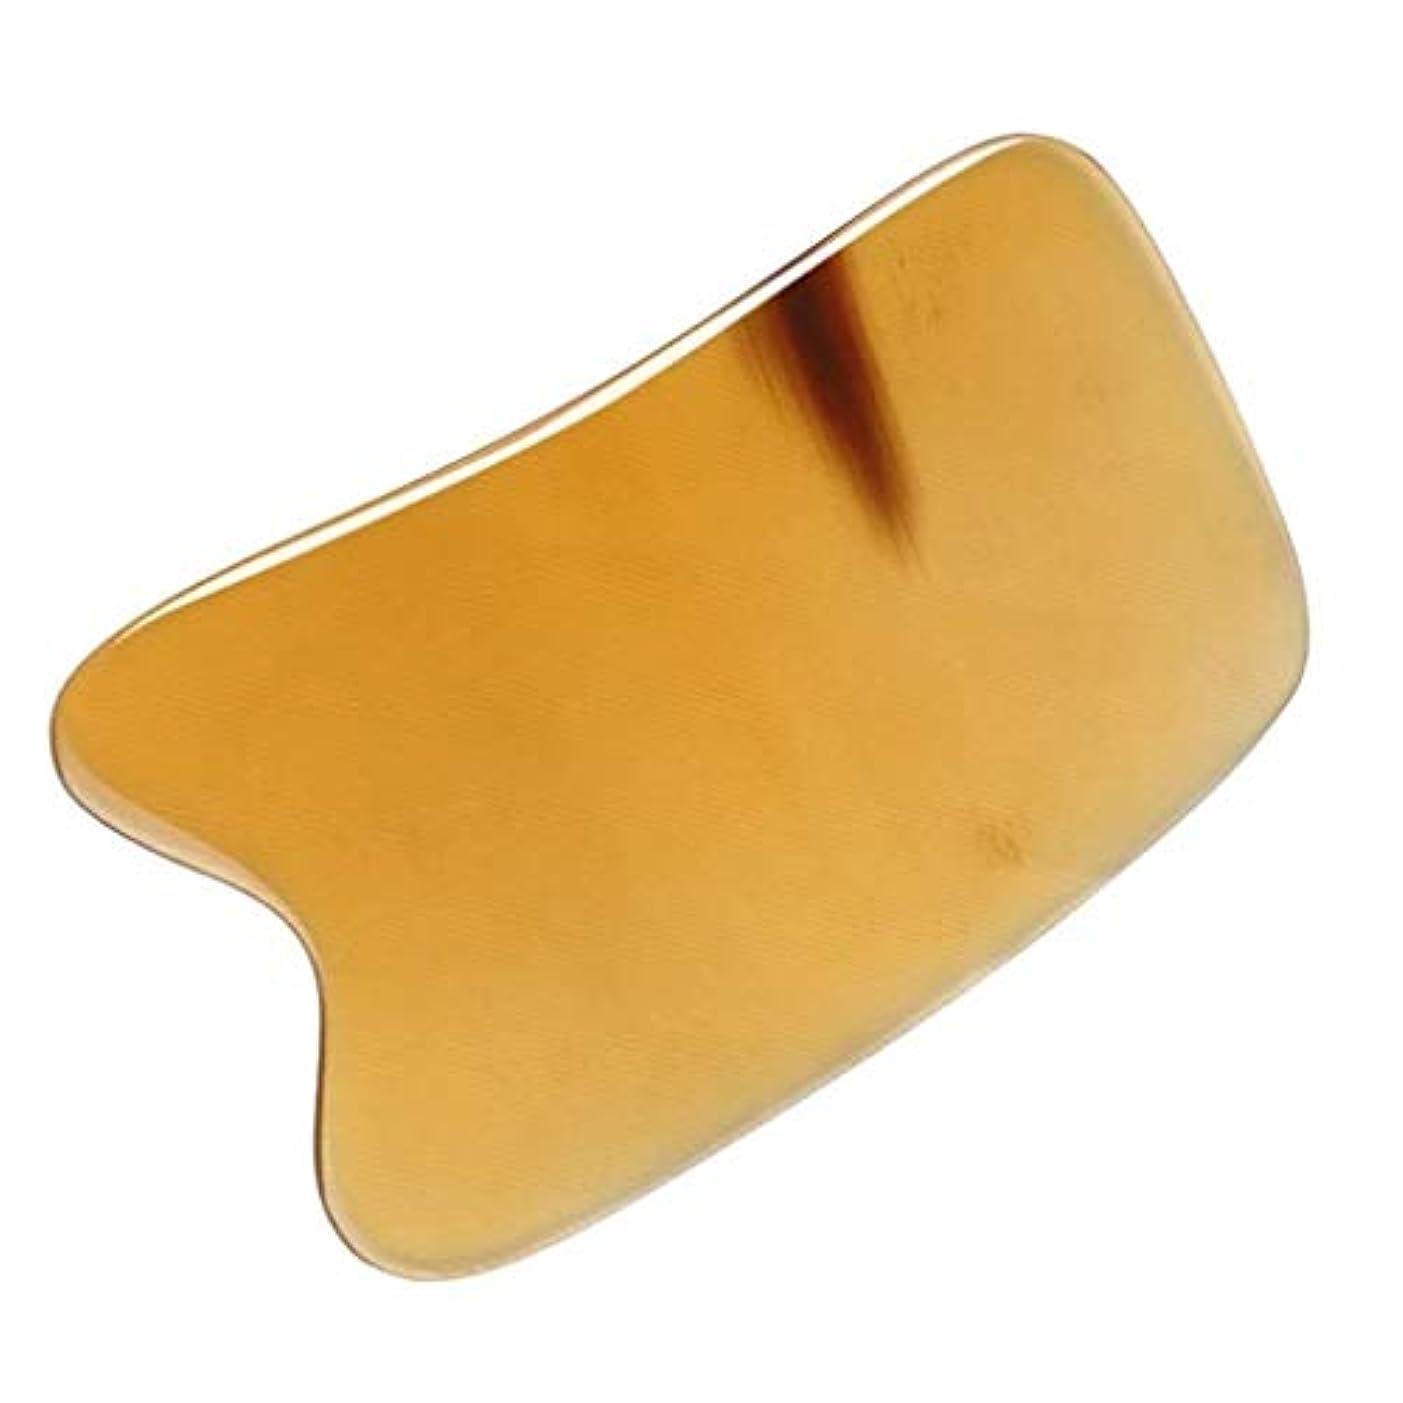 入浴標準ポンドIASTMグラストン理学療法ツール-最高品質のハンドメイドバッファローホーングアシャボード-首と筋肉の痛みを軽減 (Size : 5mm)